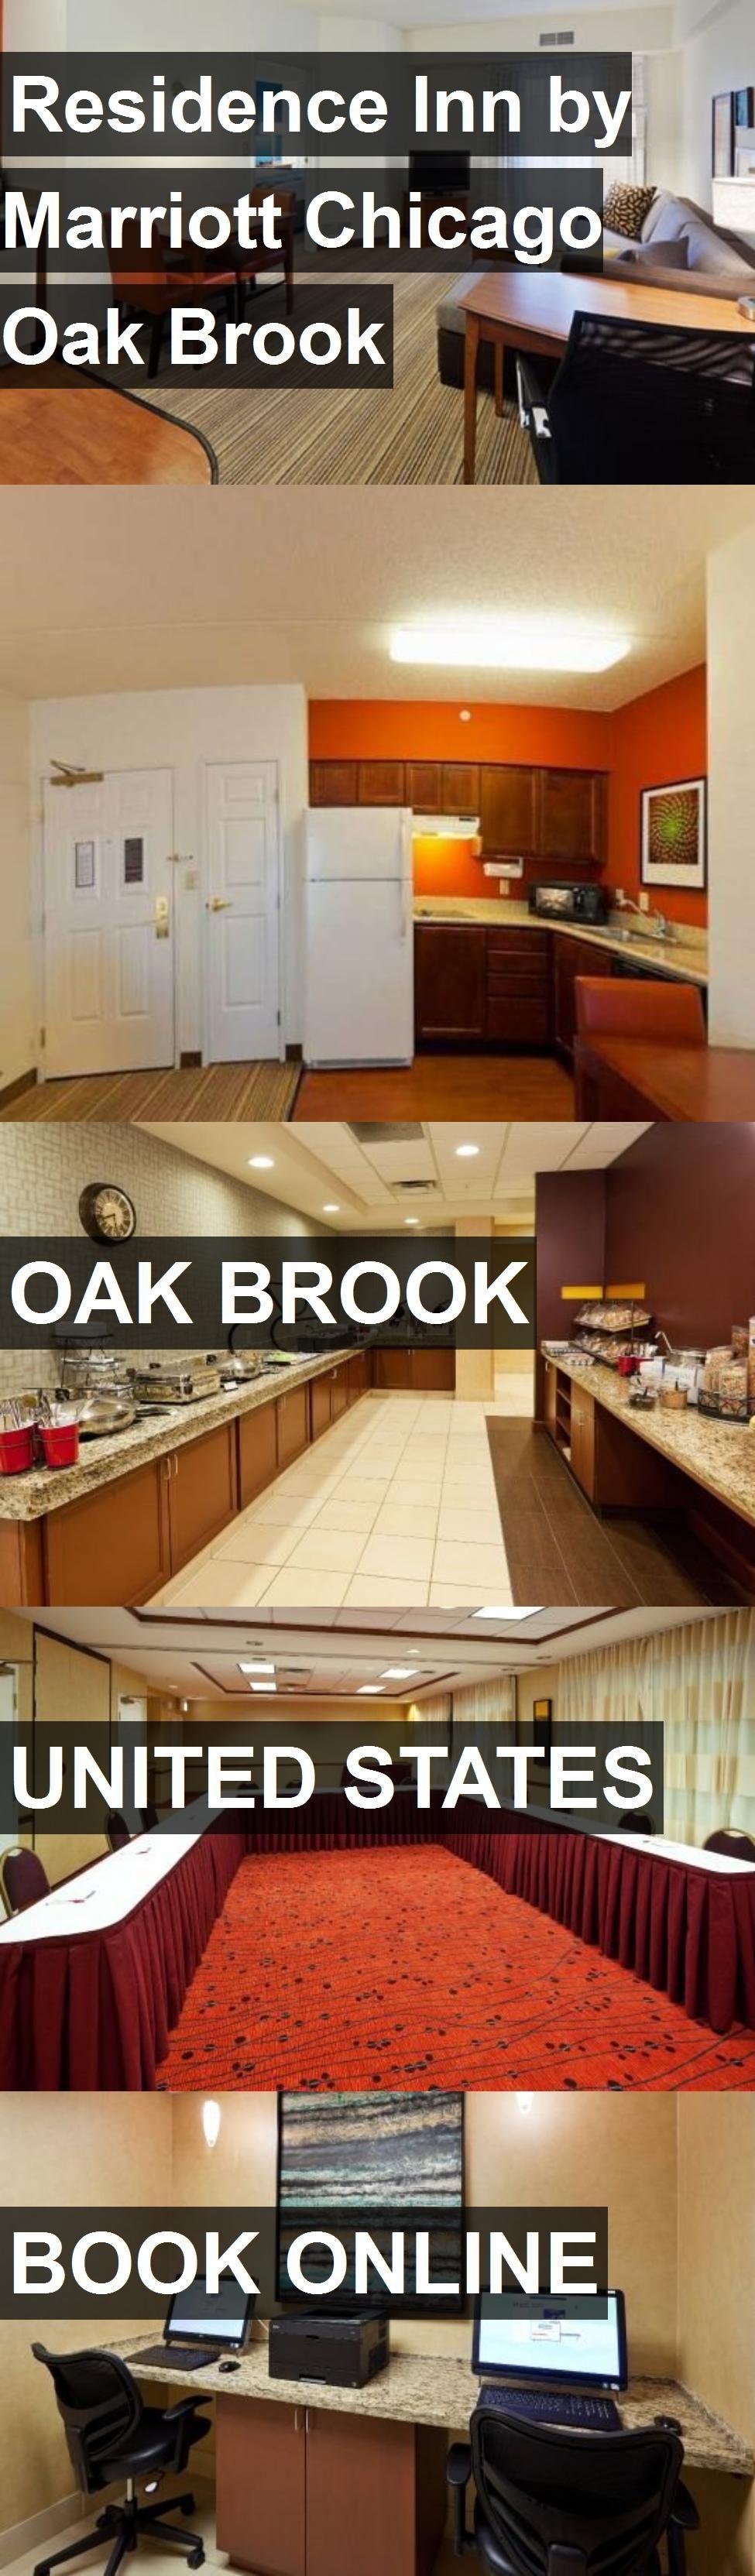 Image result for boulders in landscape design | Oak Brook ...